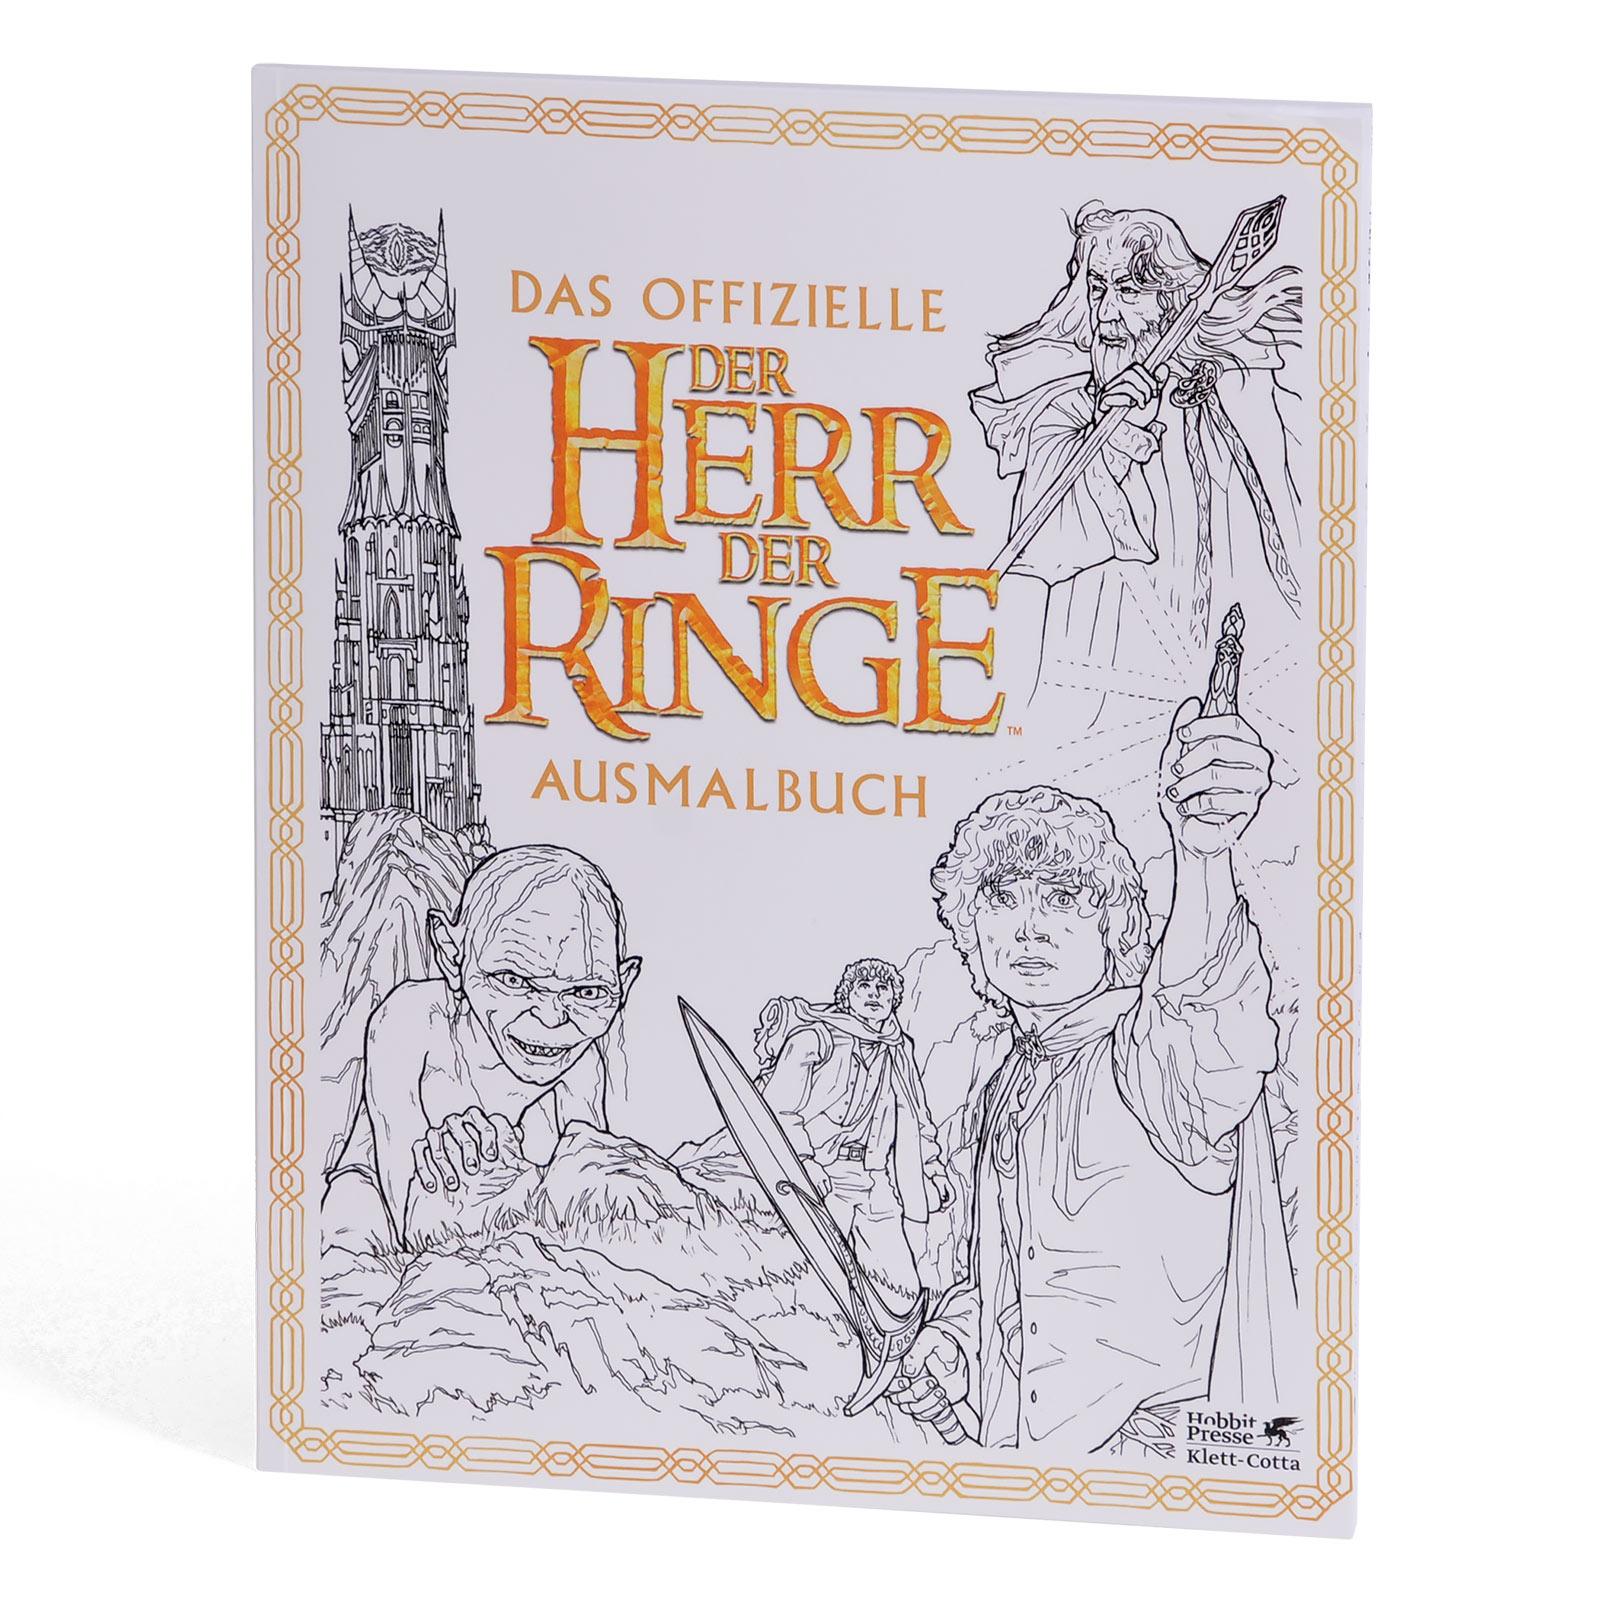 Herr der Ringe - Das offizielle Ausmalbuch